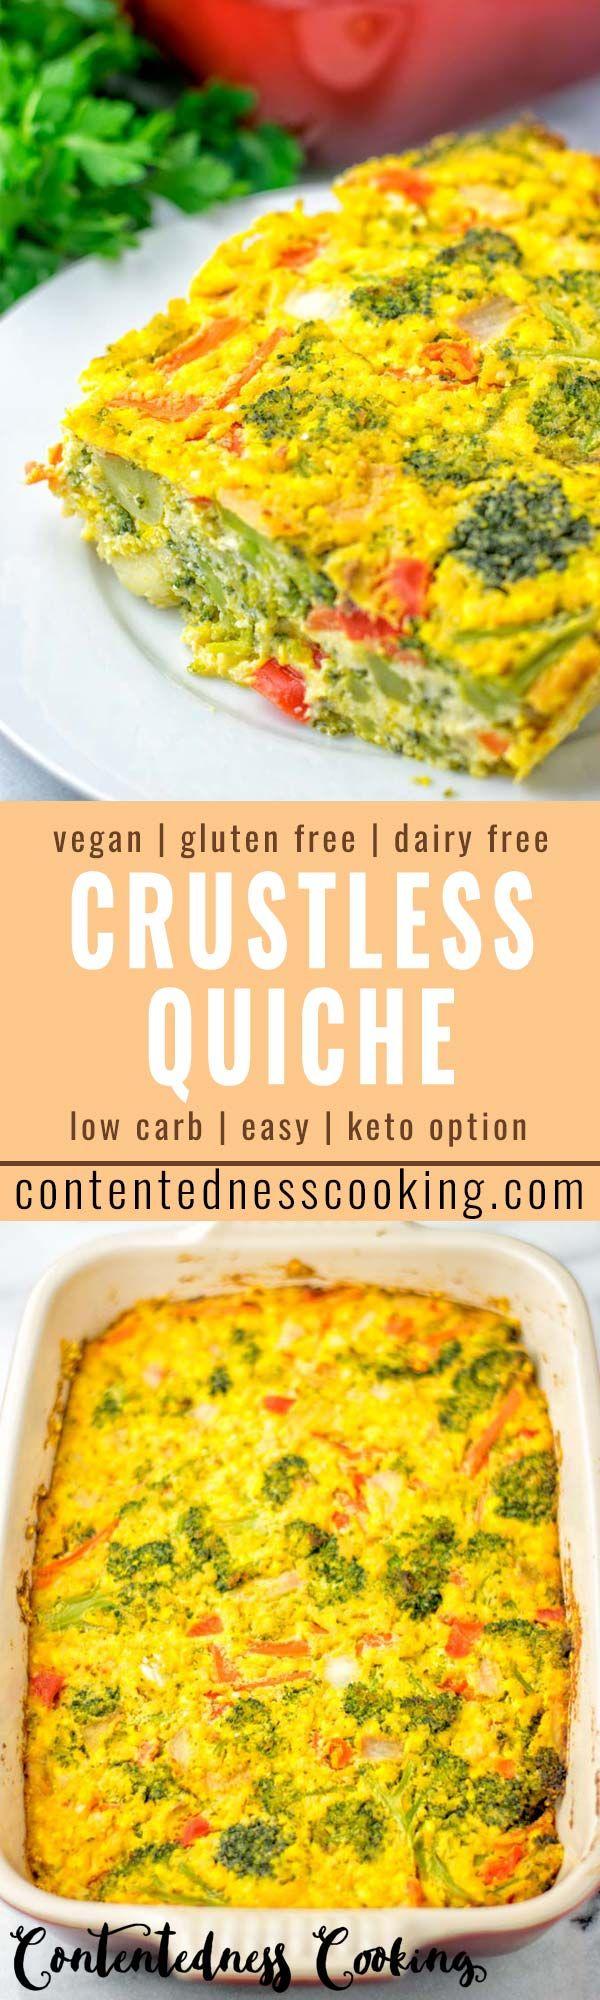 Crustless Quiche Contentedness Cooking Recipe Recipes Crustless Quiche Lunch Meal Prep